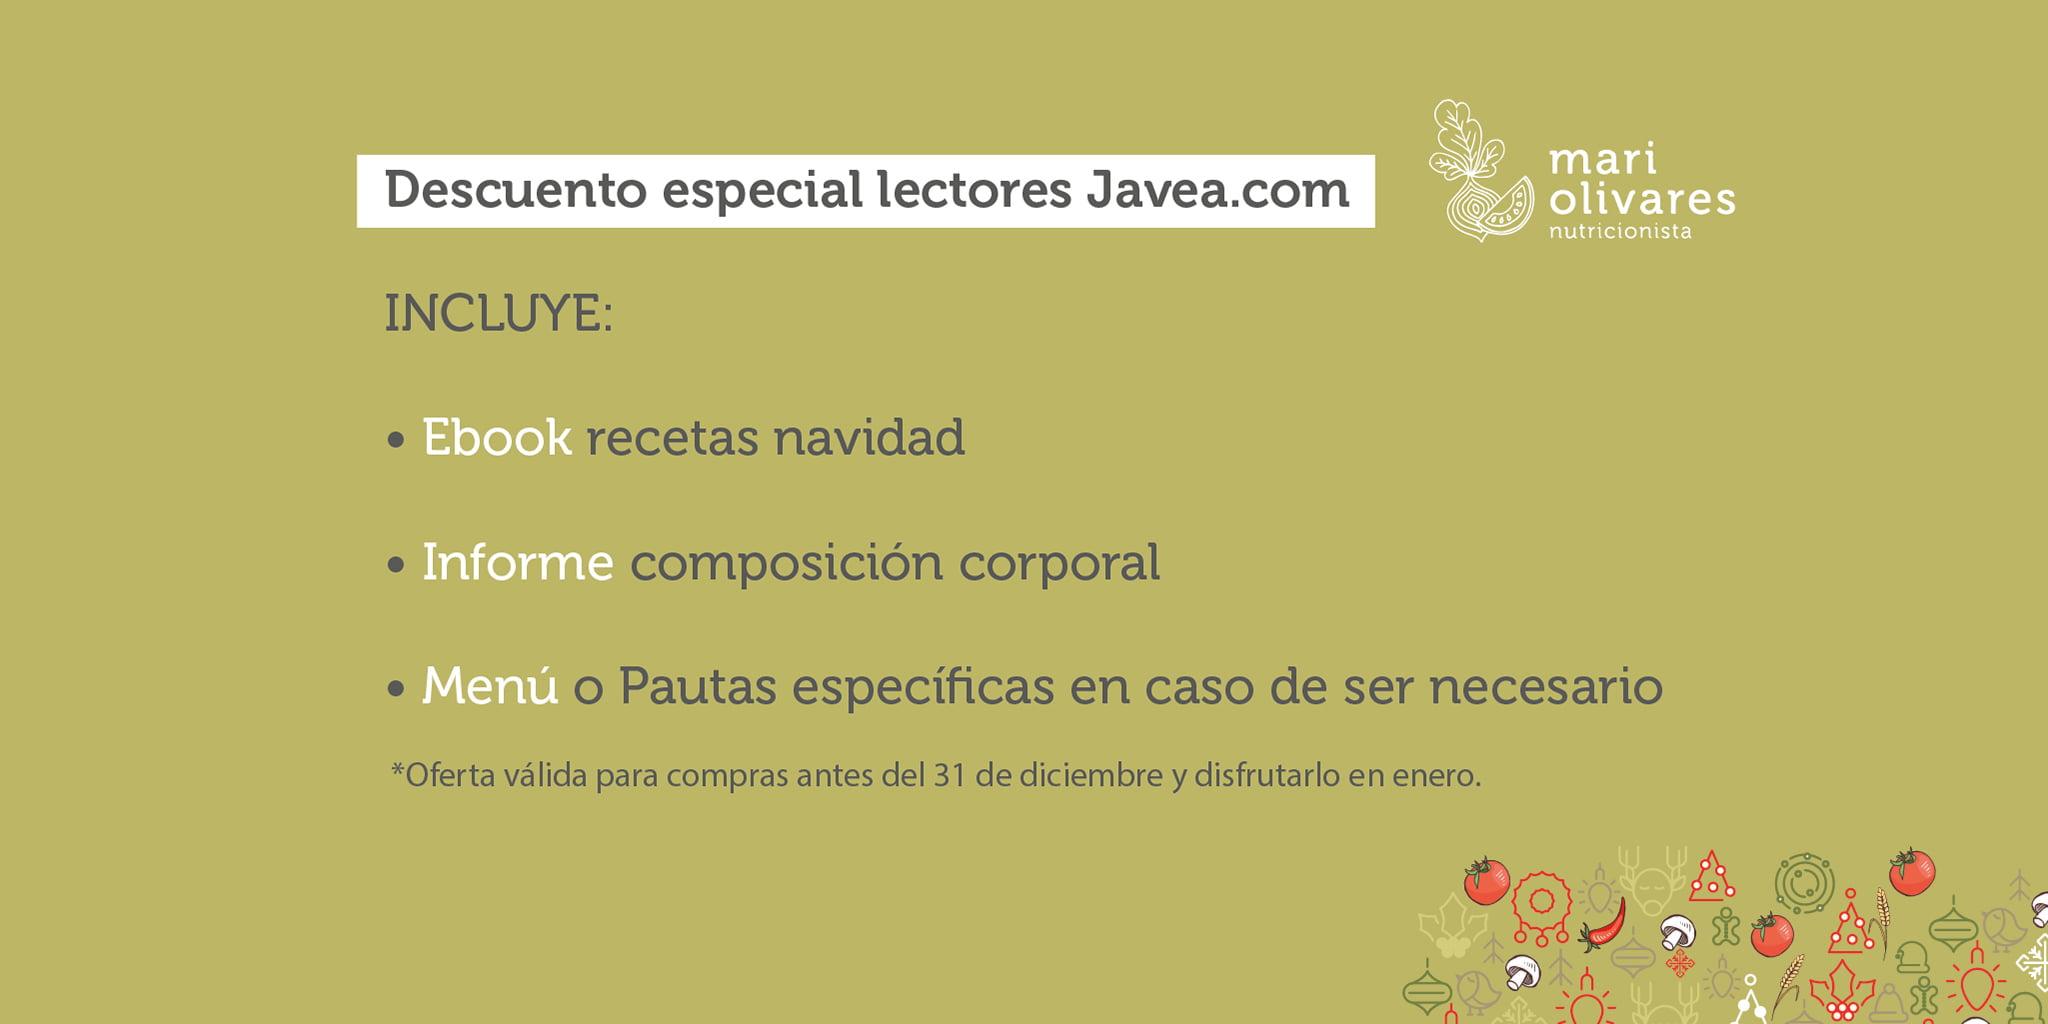 Descuento especial para los lectores de Jávea.com – Dietista-Nutricionista Mari Olivares